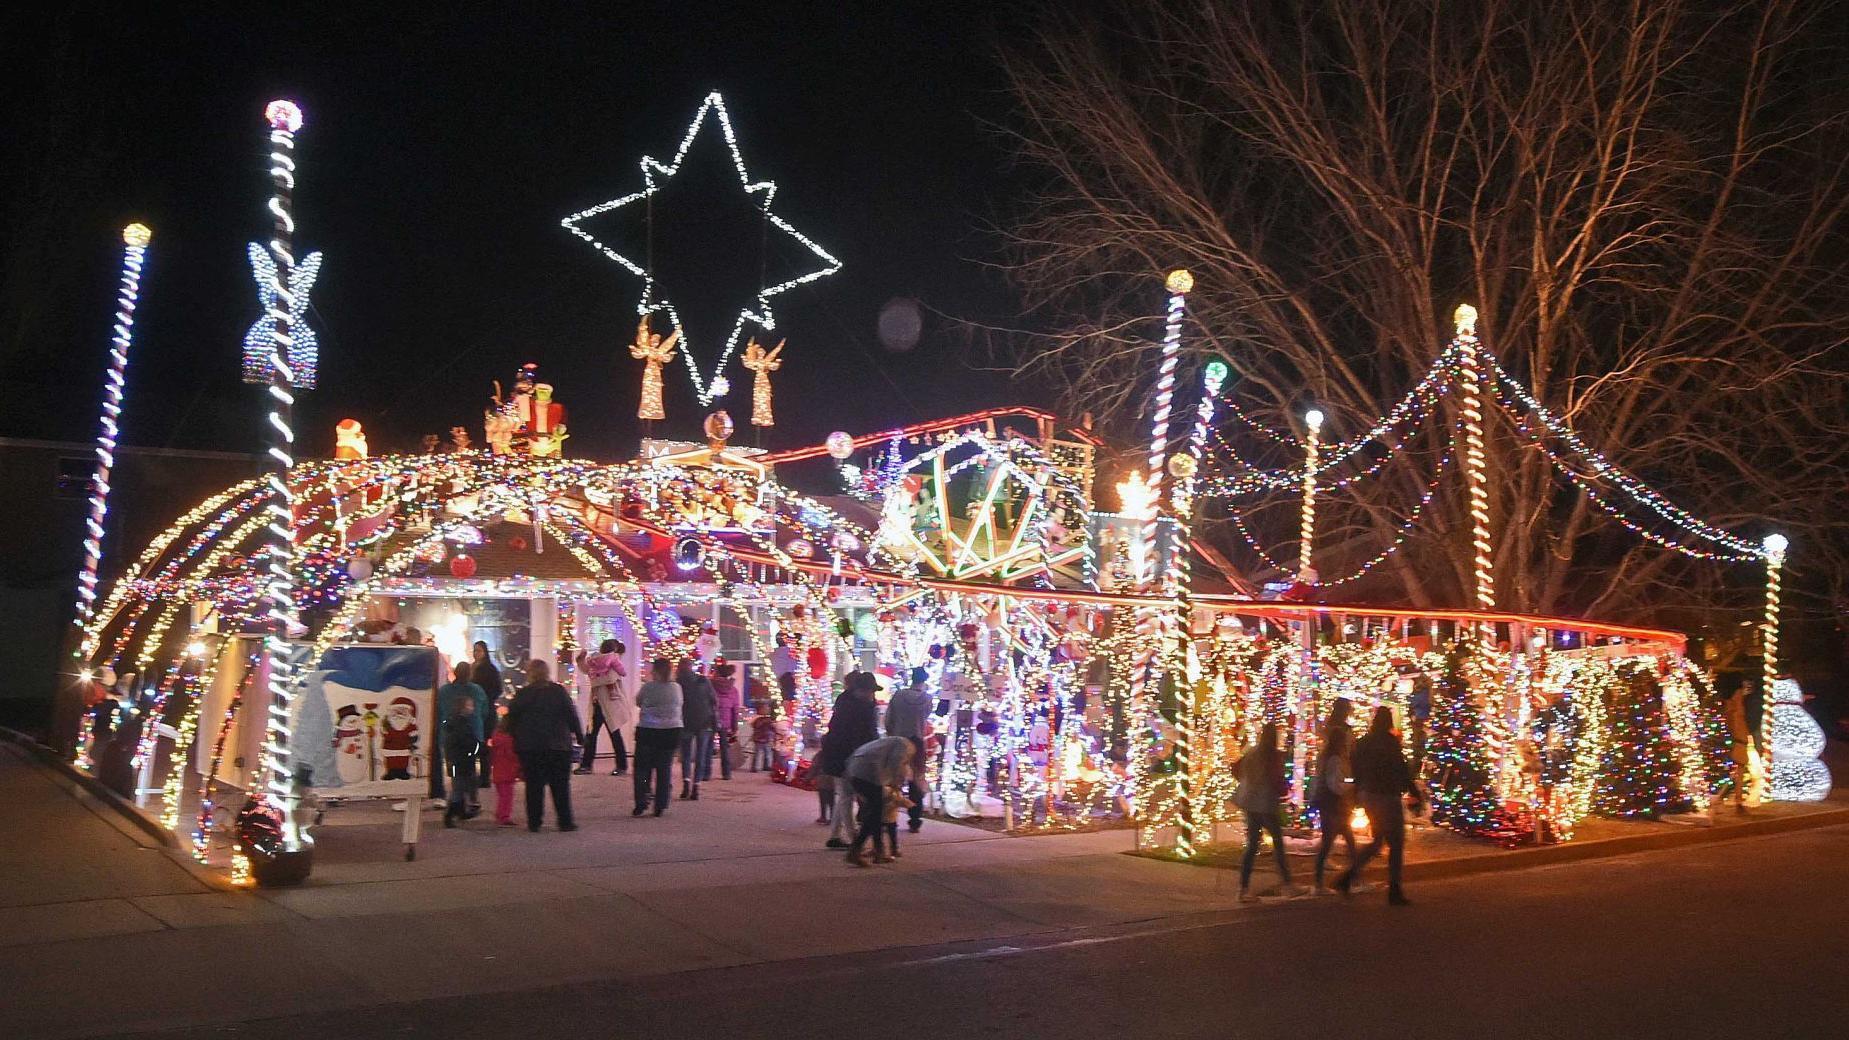 Christmas Lights Bismarck Nd 2020 Chmielewski Christmas lights display | Tribune Photo Collections